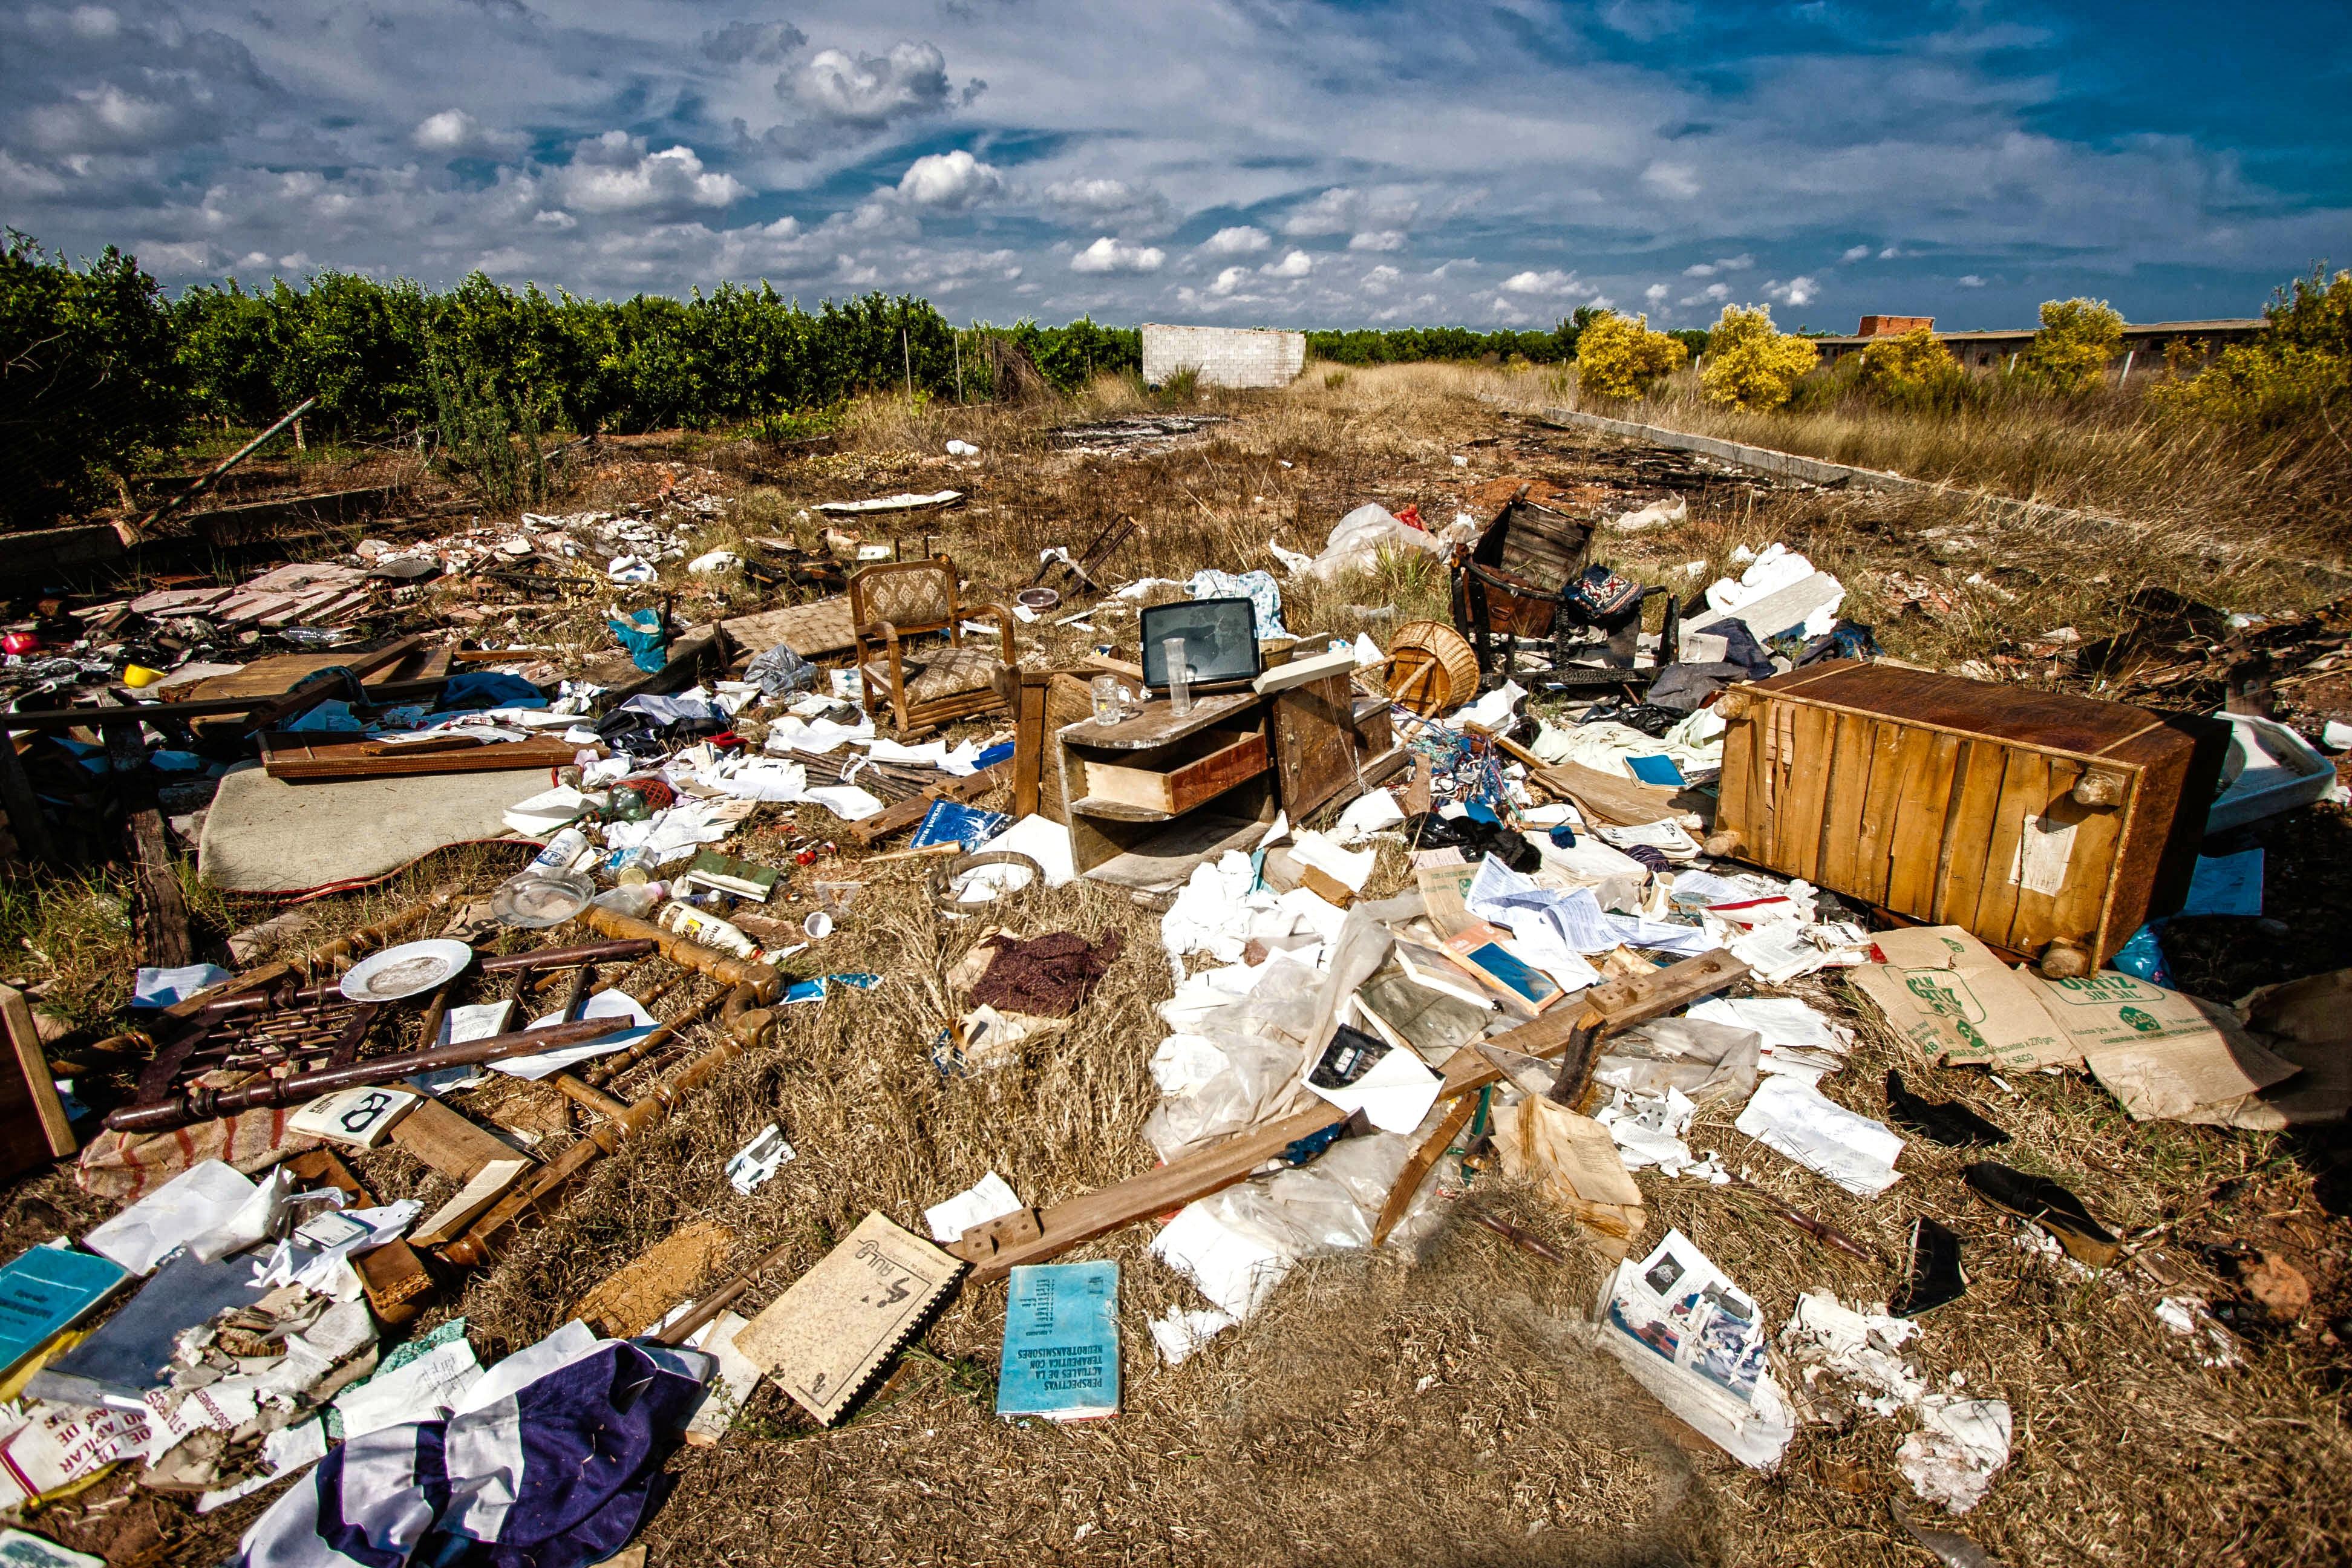 картинки экологическими проблемами